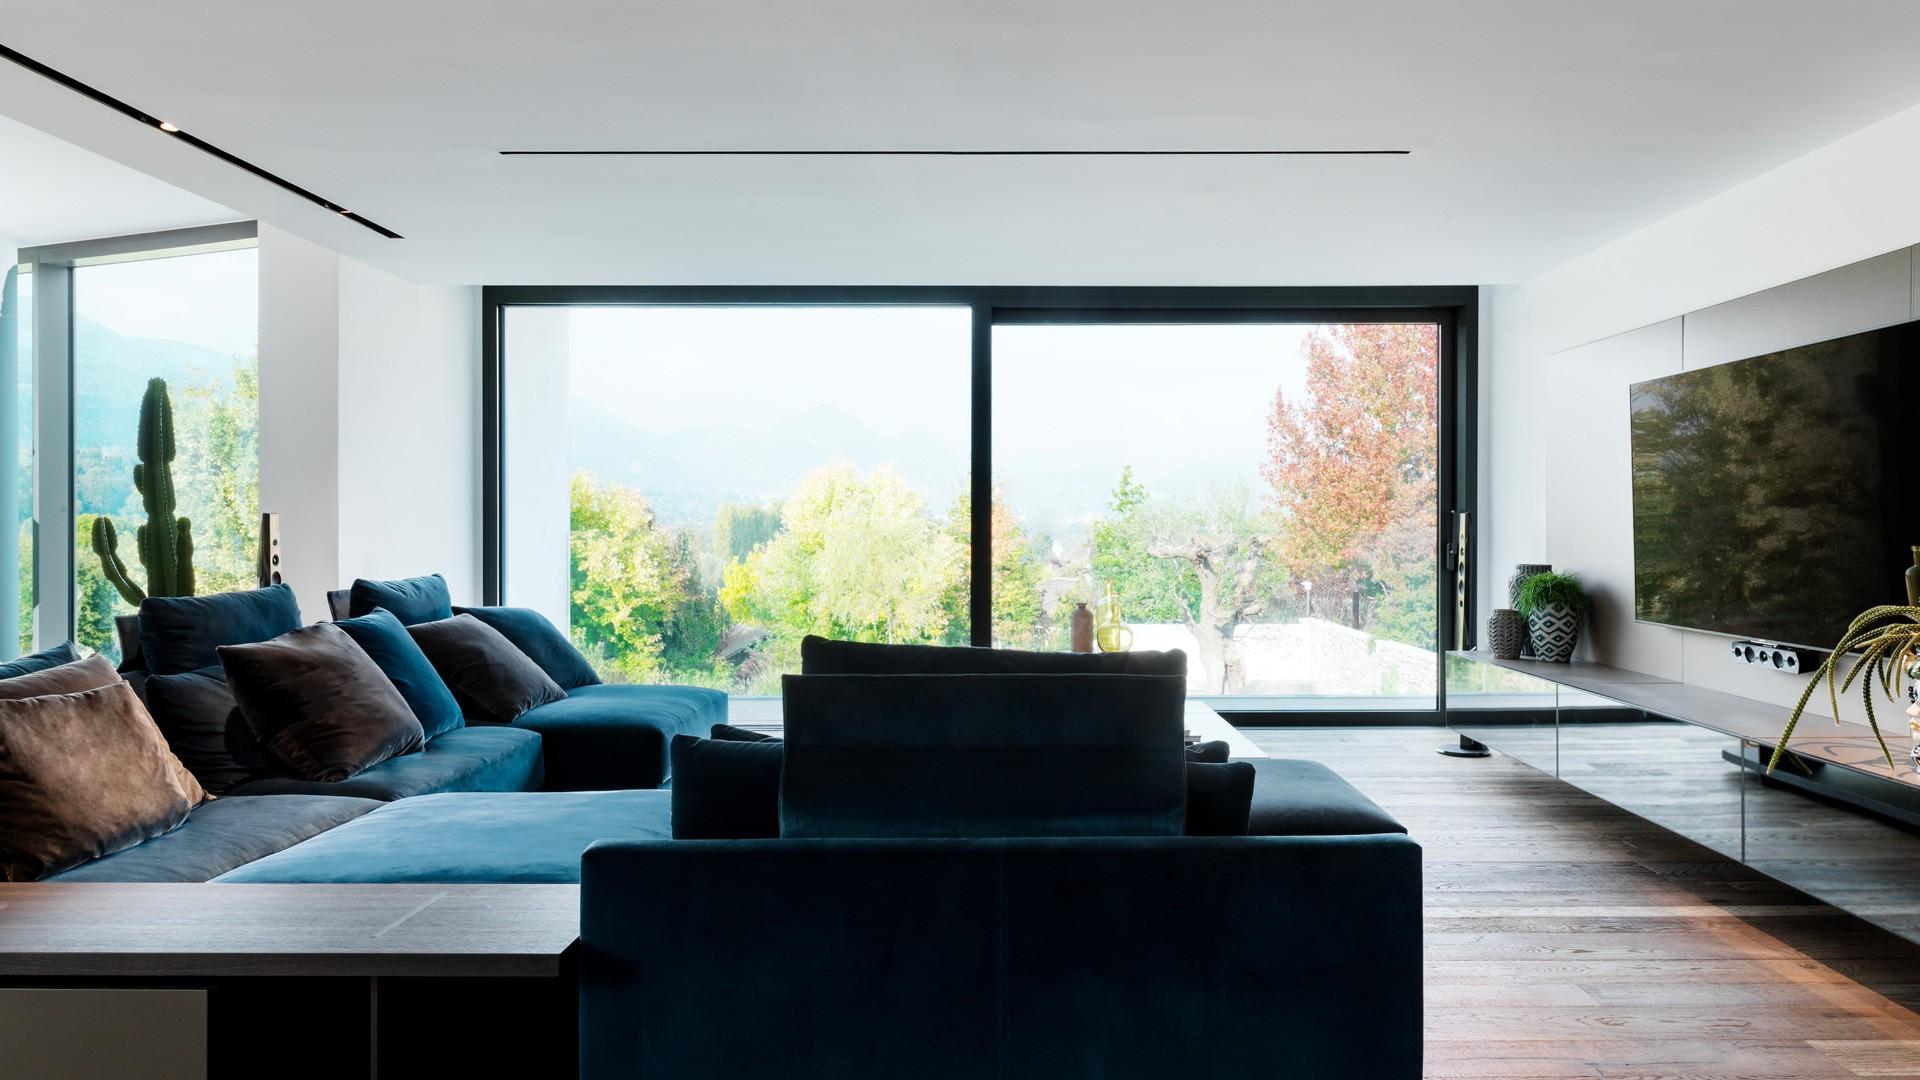 Poliform_contract_residential_VILLA_ALSERIO_04_1920x1080px_gallery